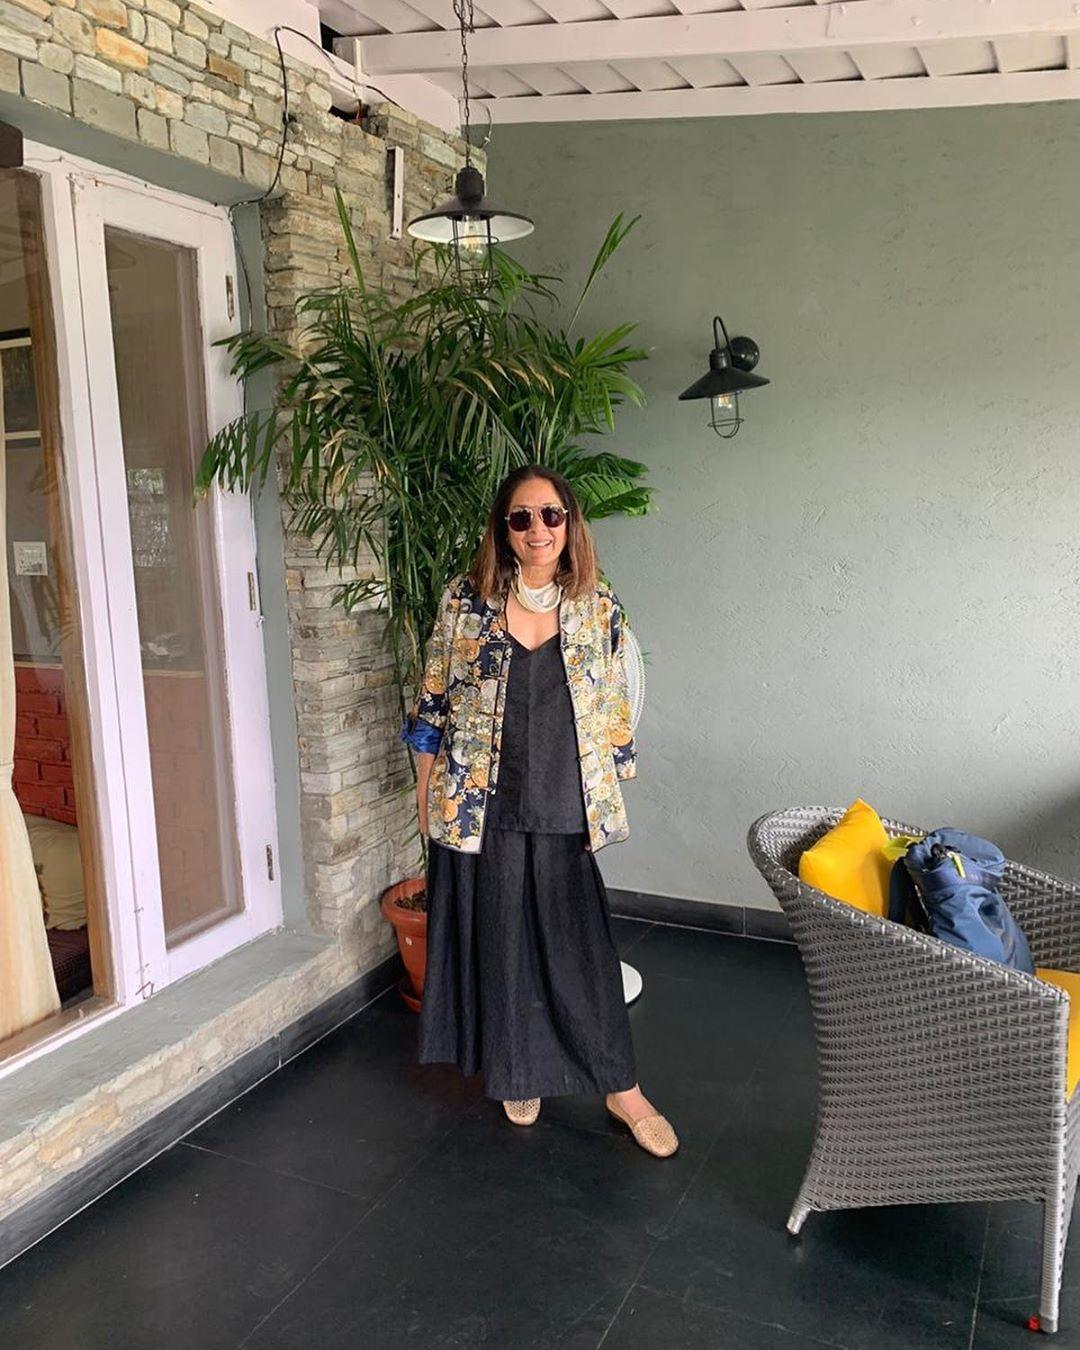 Mukteshwar House. Courtesy: Instagram - Neena Gupta